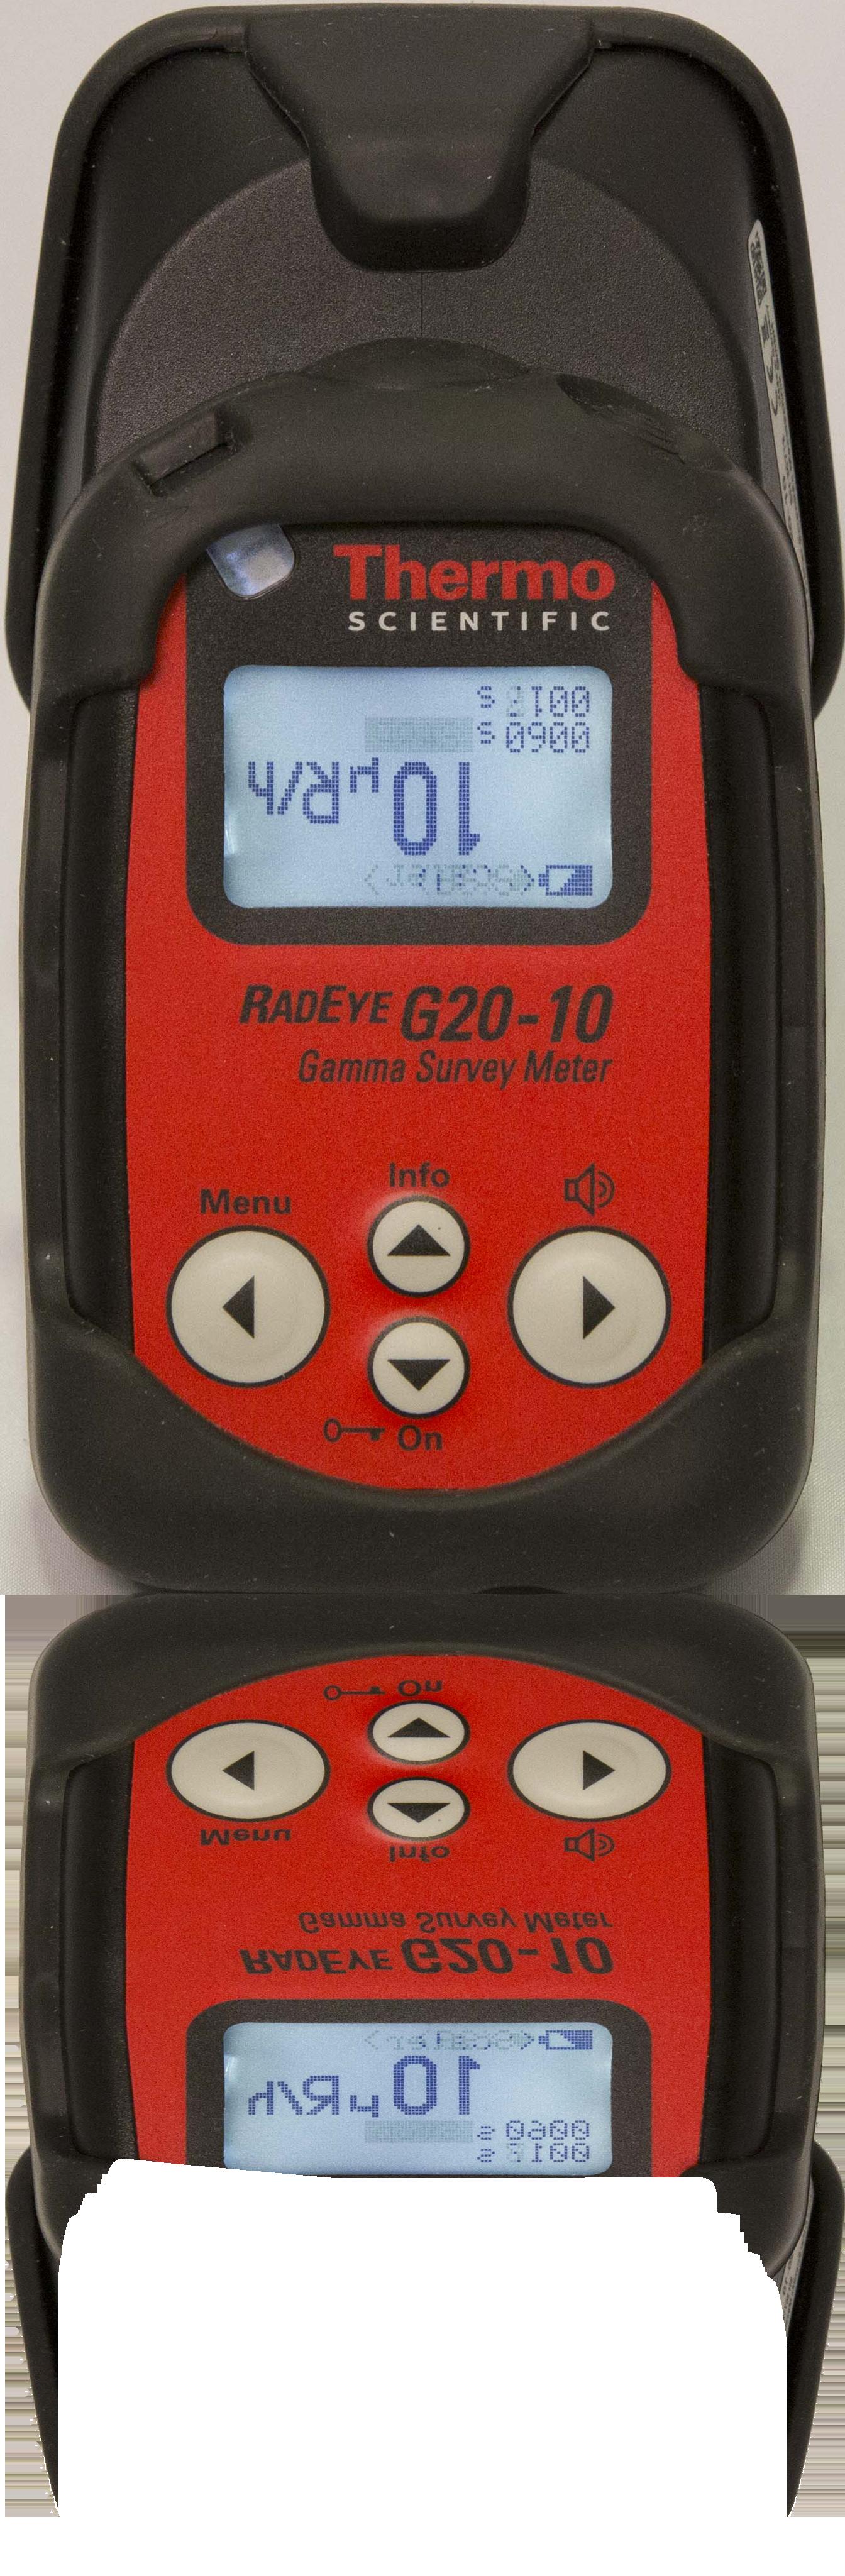 Thermo Scientific RadEye G20-10